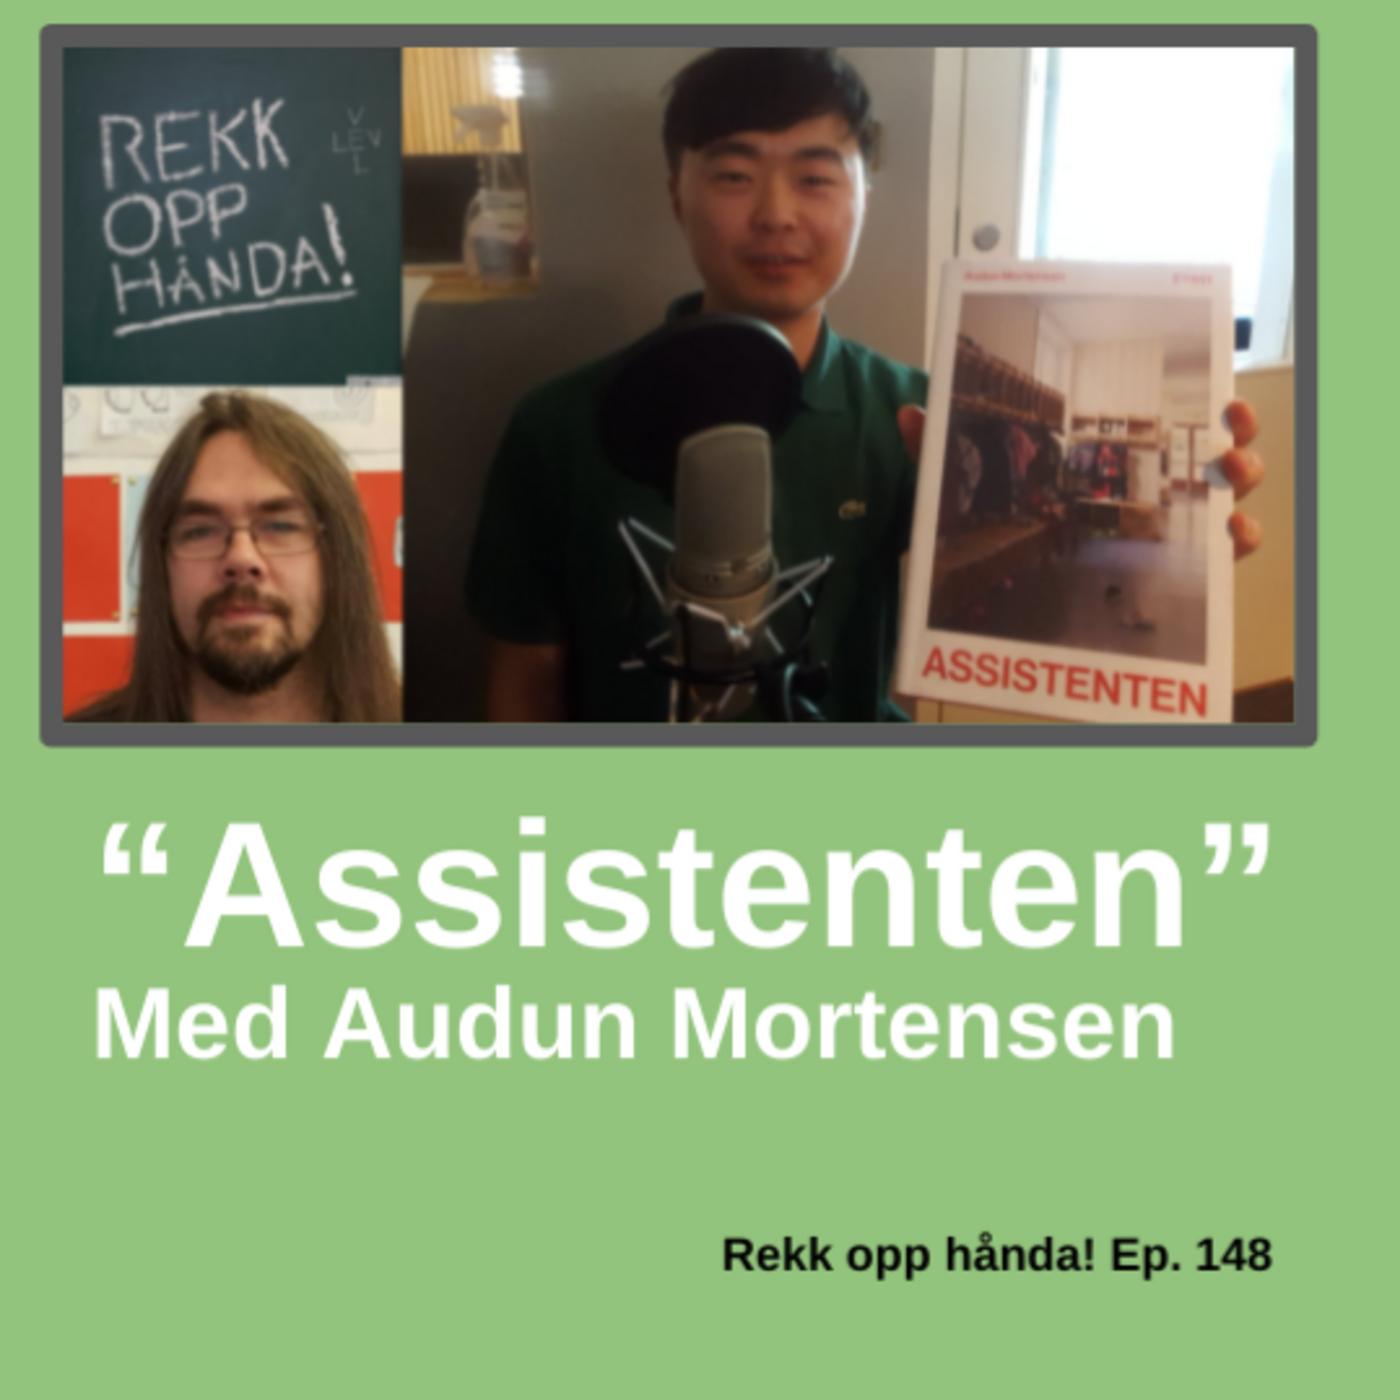 Assistenten - med Audun Mortensen